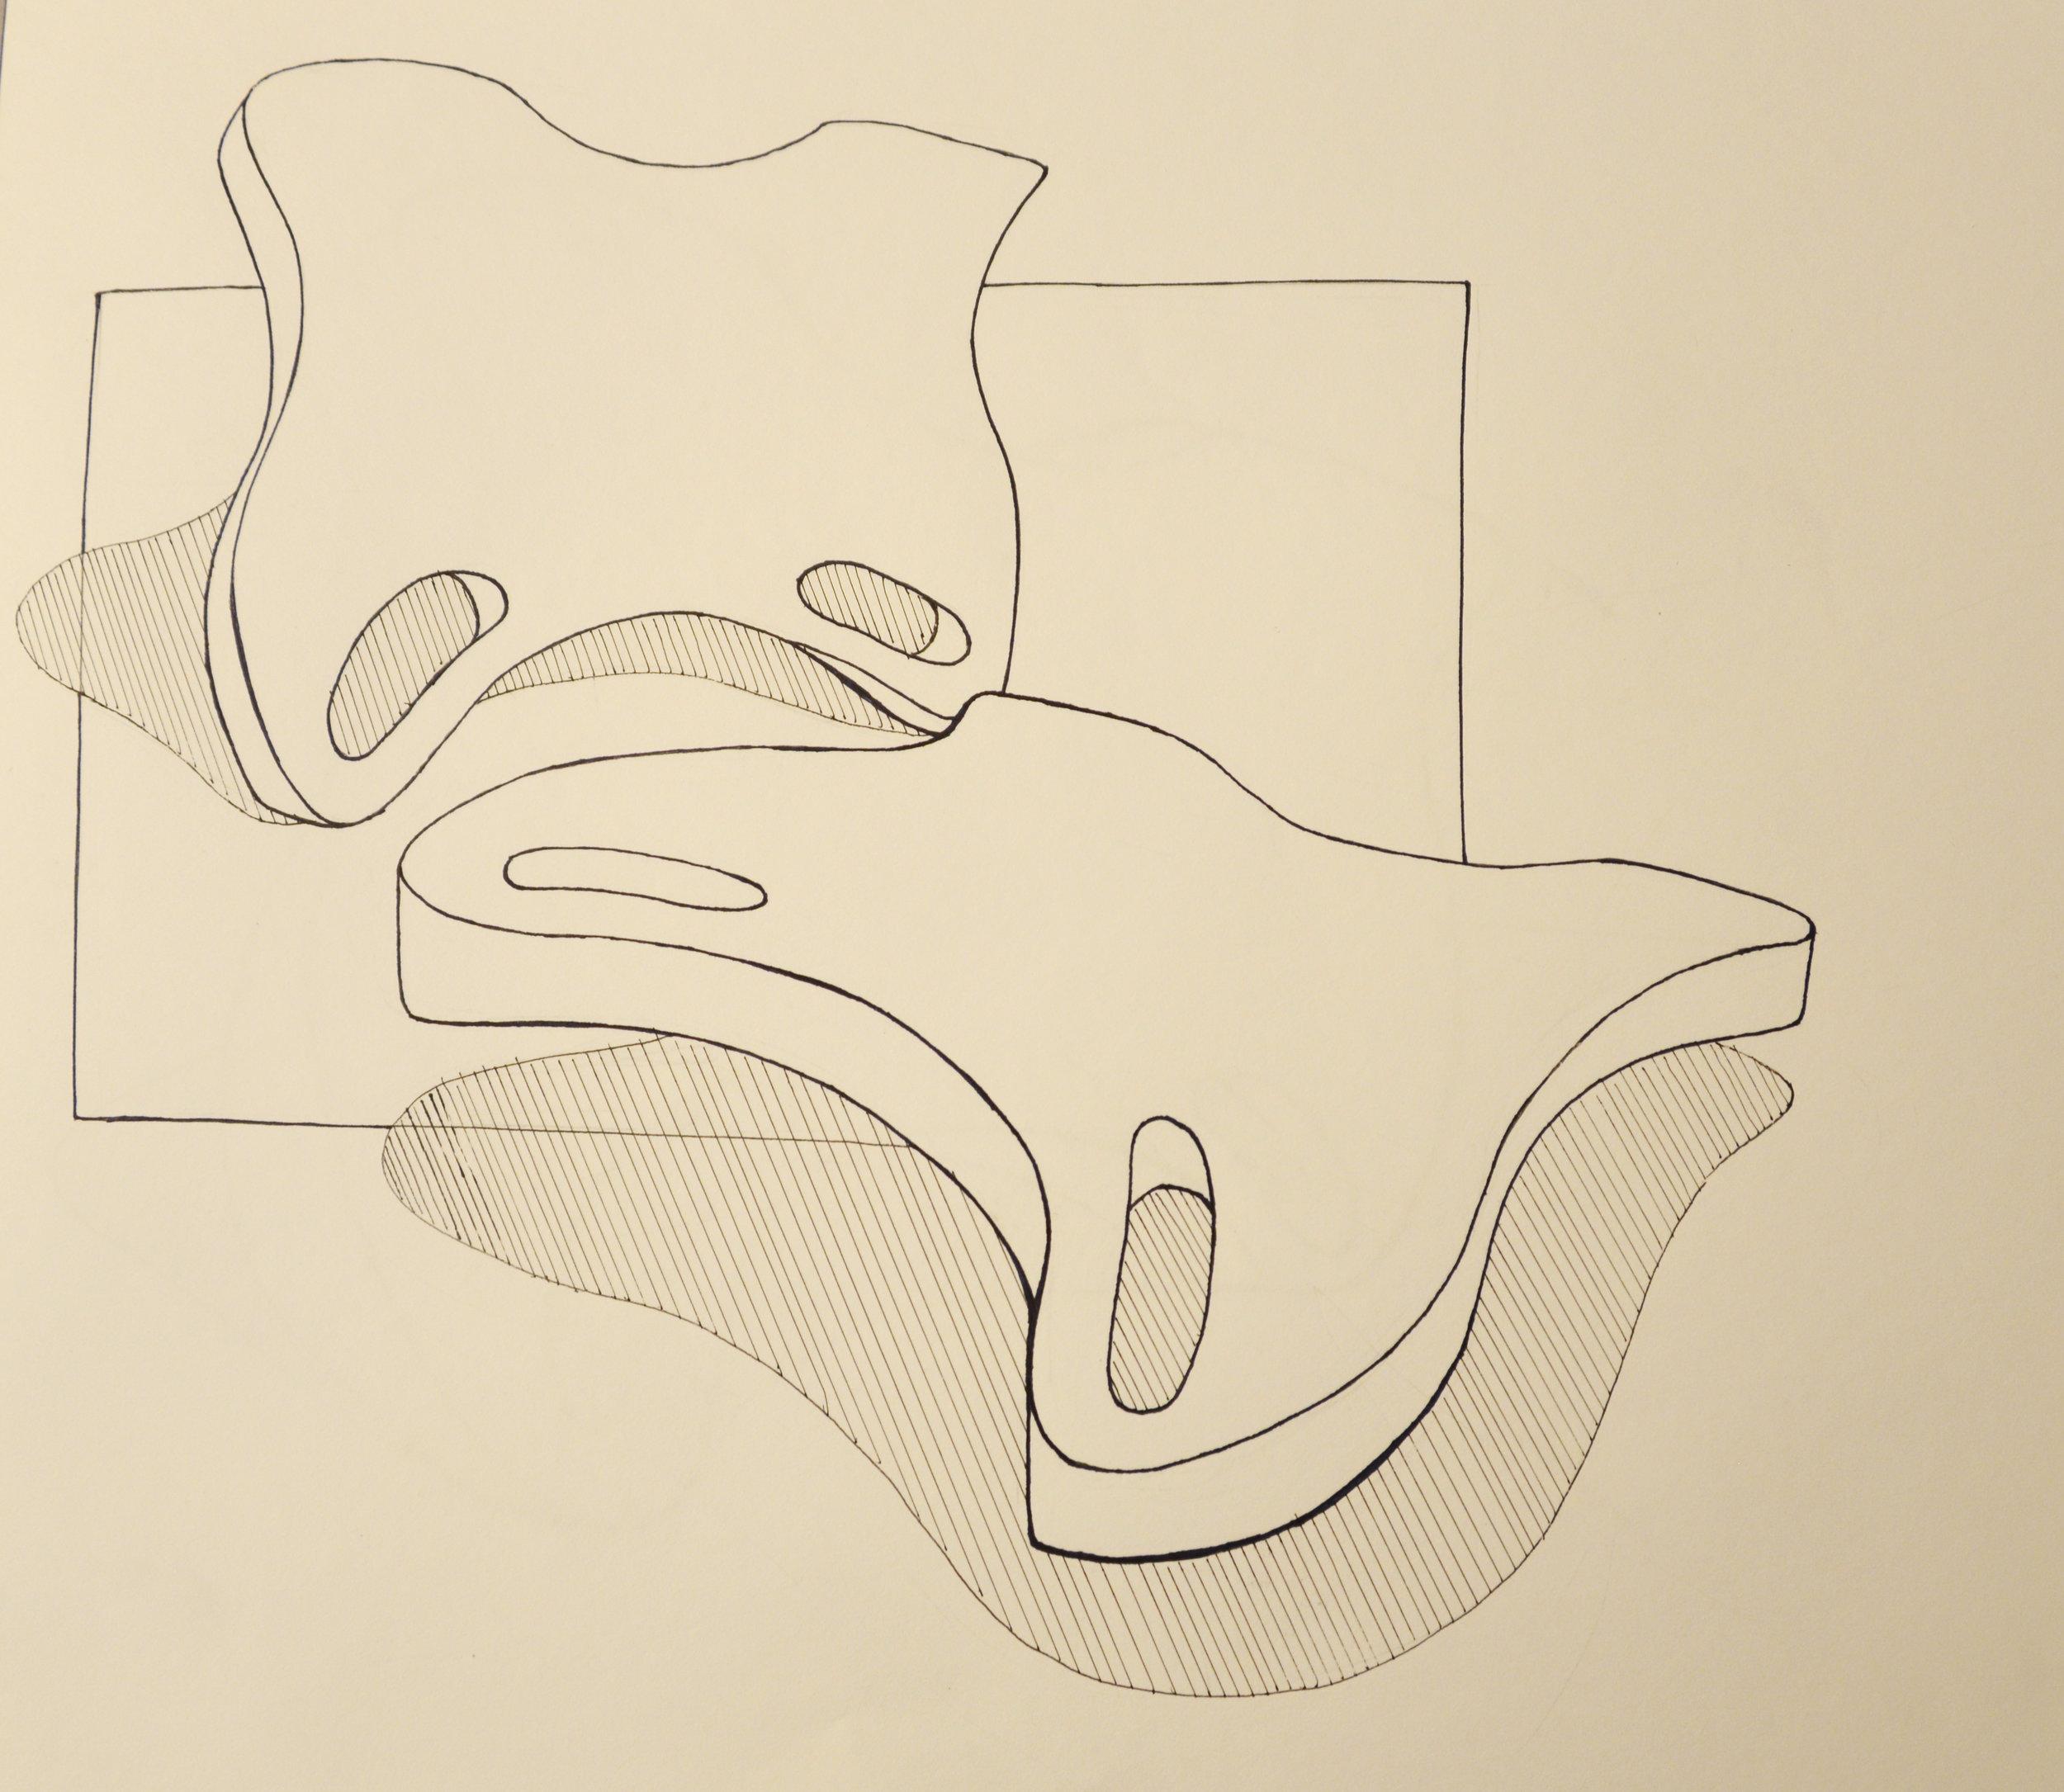 Lee, Megan Perspective Drawing Draft 1a.jpg